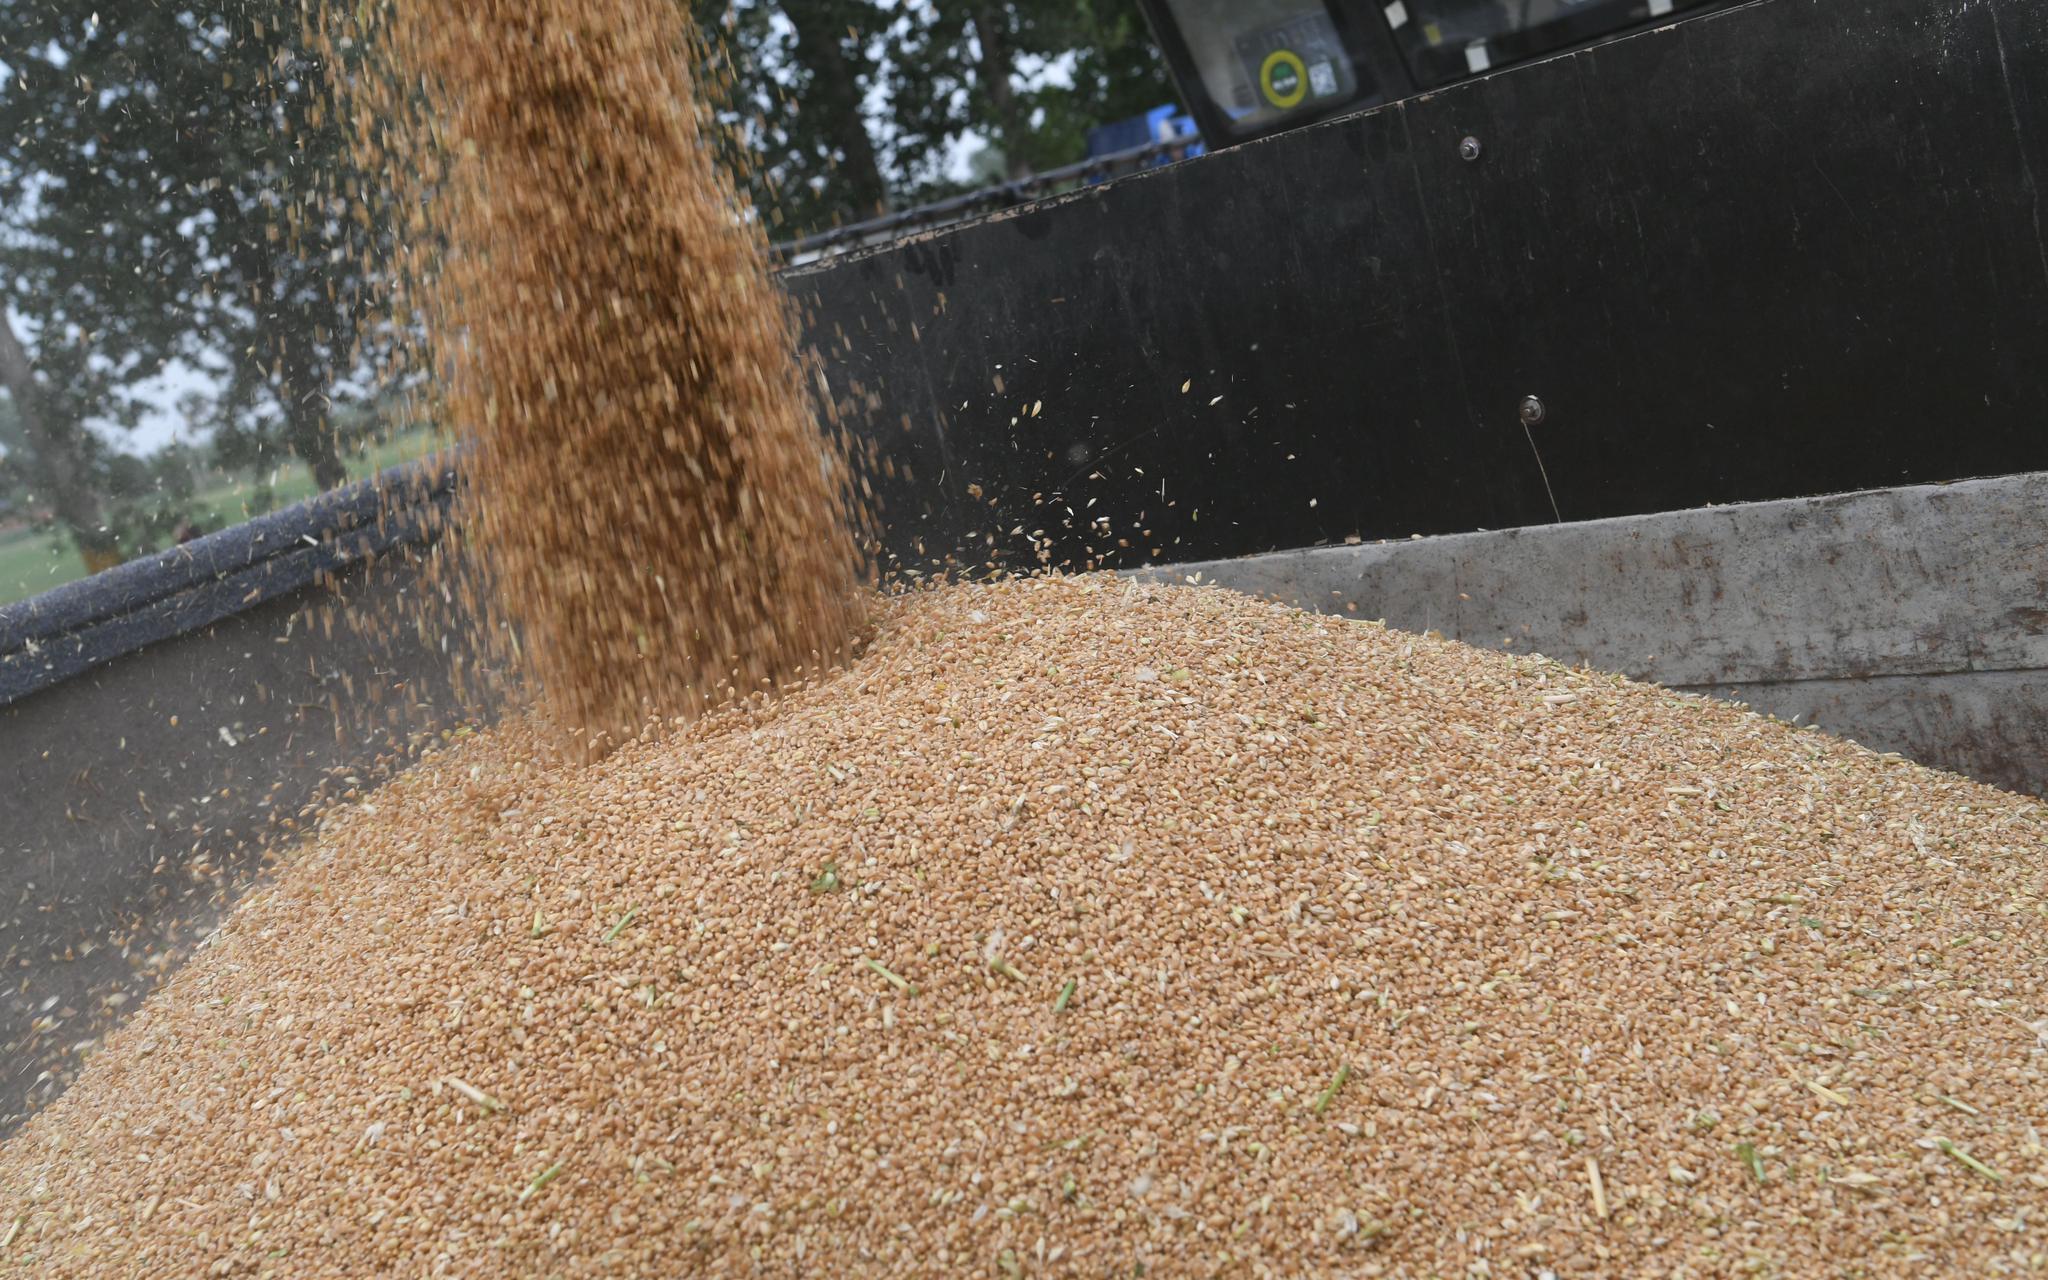 小麦收购减少近千万吨 并非产量减少